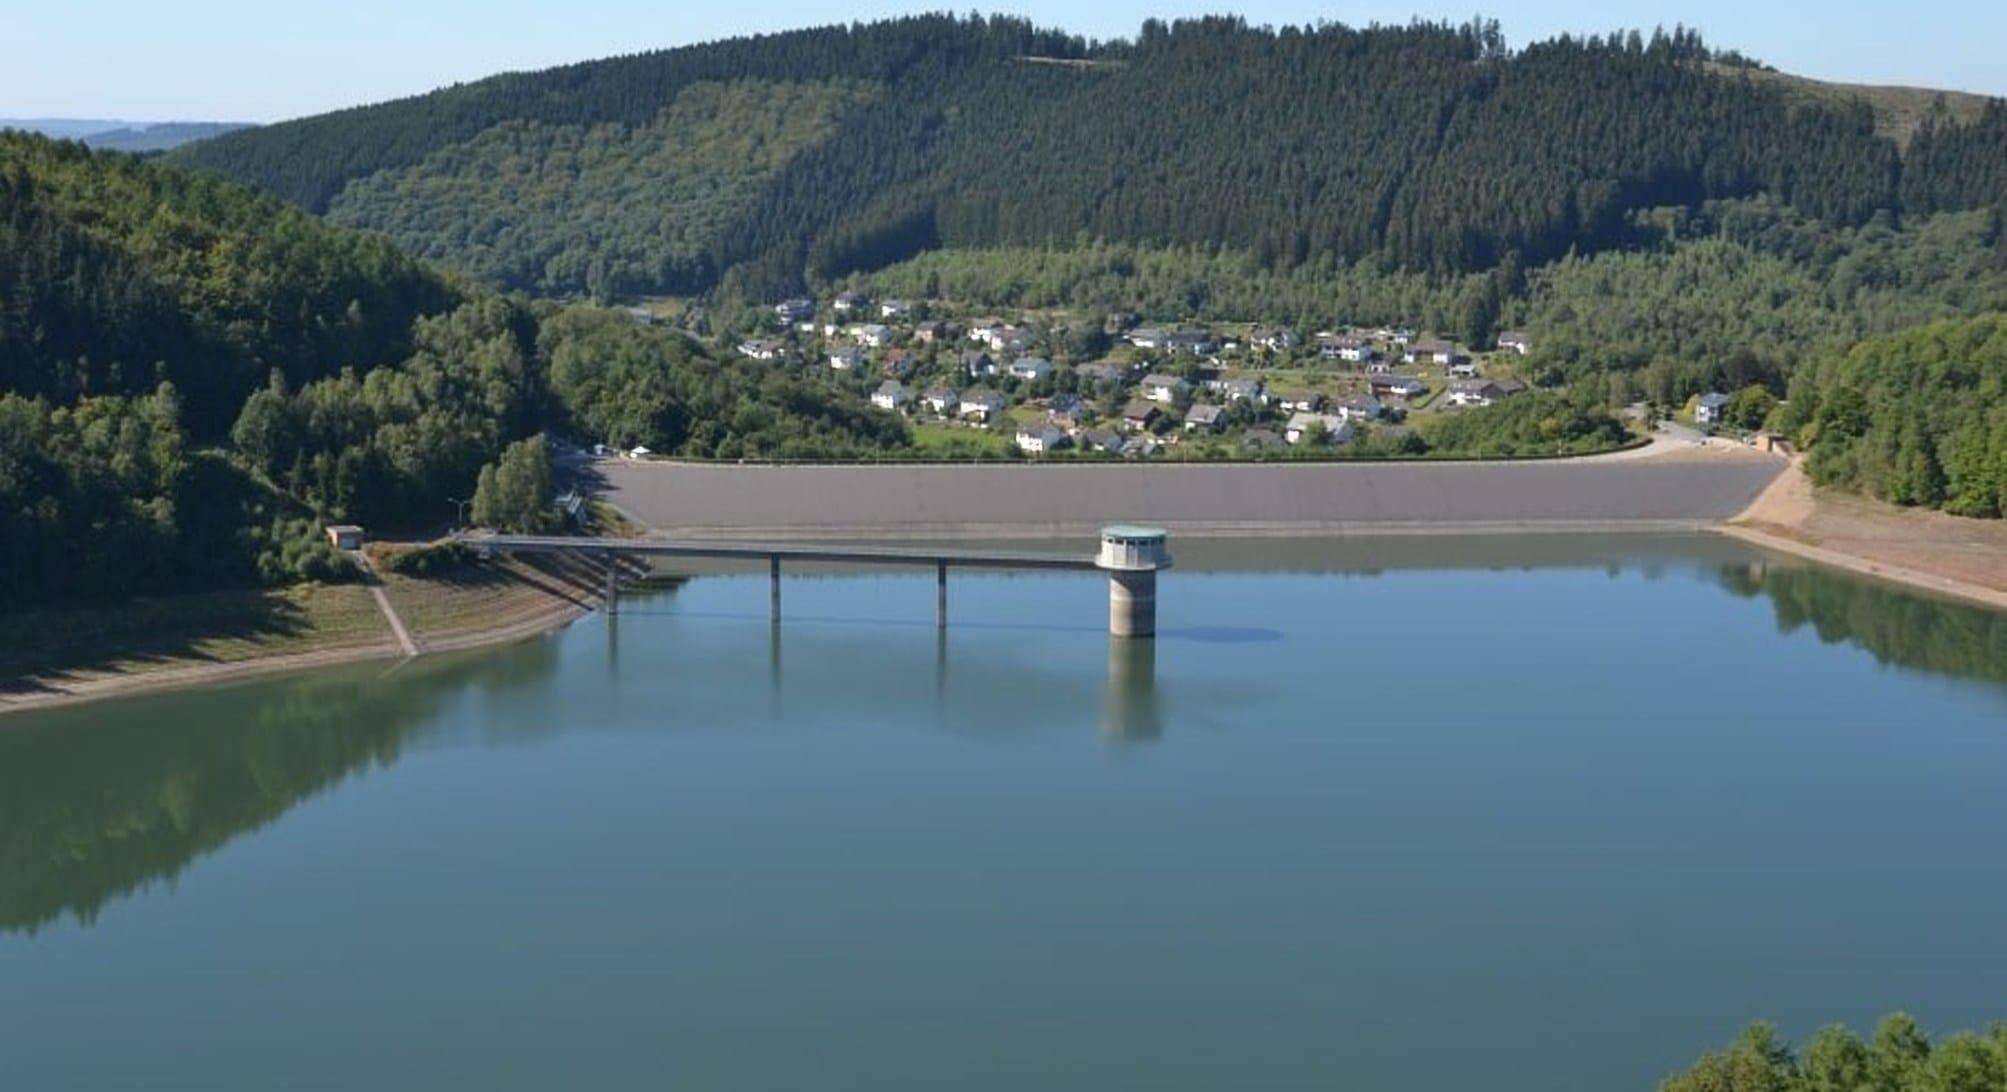 Case Study: Obernau Dam, Germany